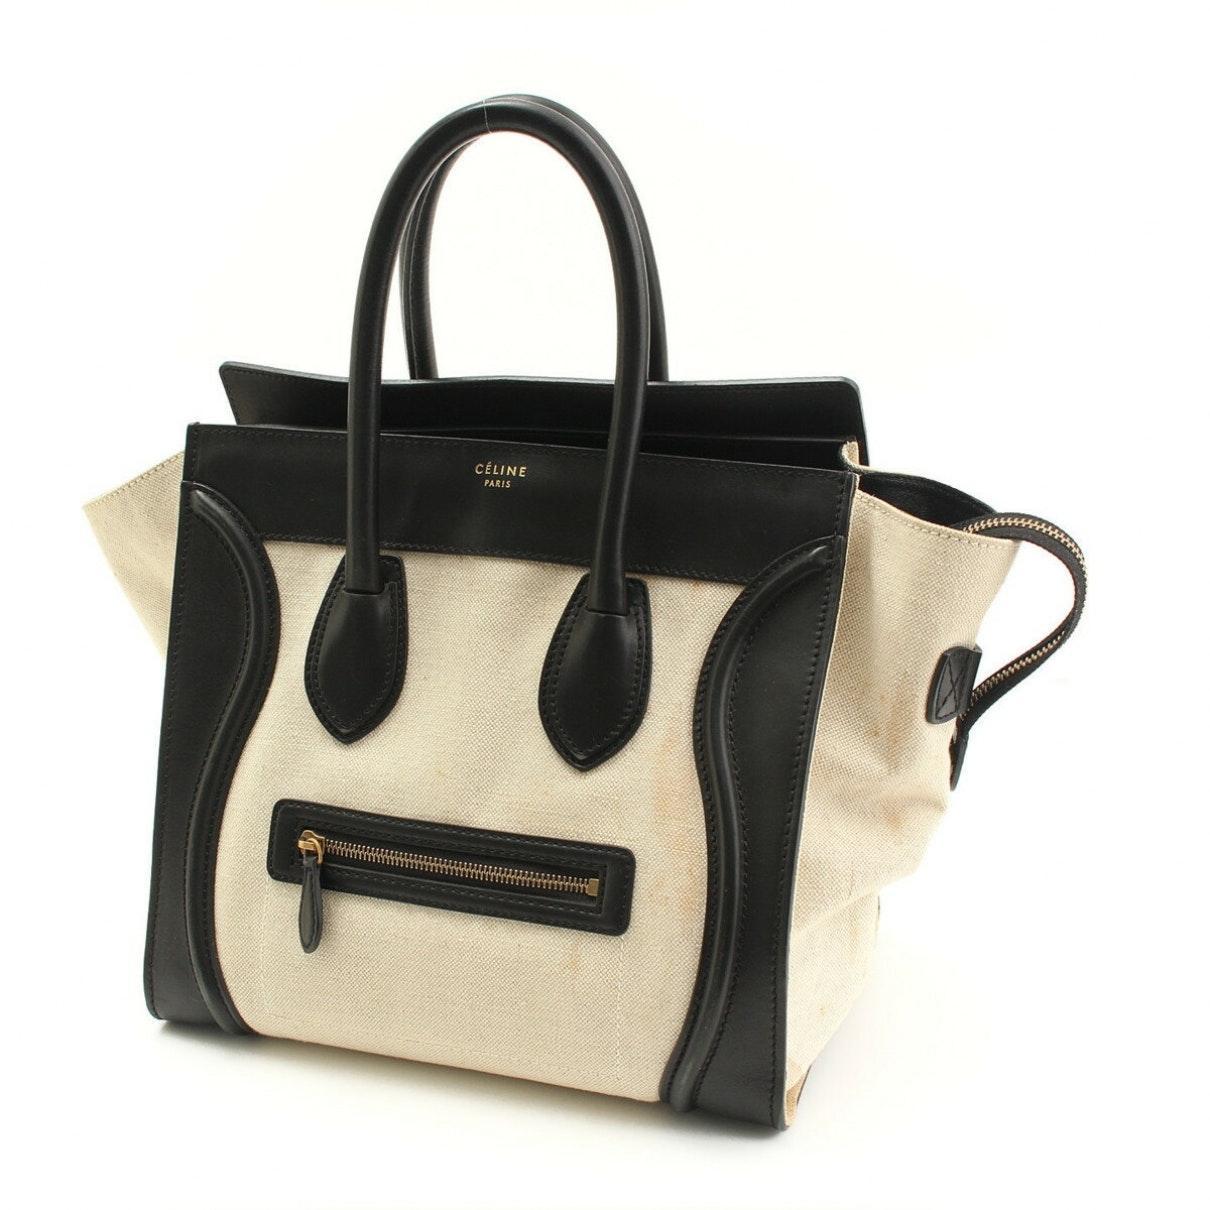 Sac à main Luggage en Cuir Multicolore Cuir Celine en coloris Noir FzVi